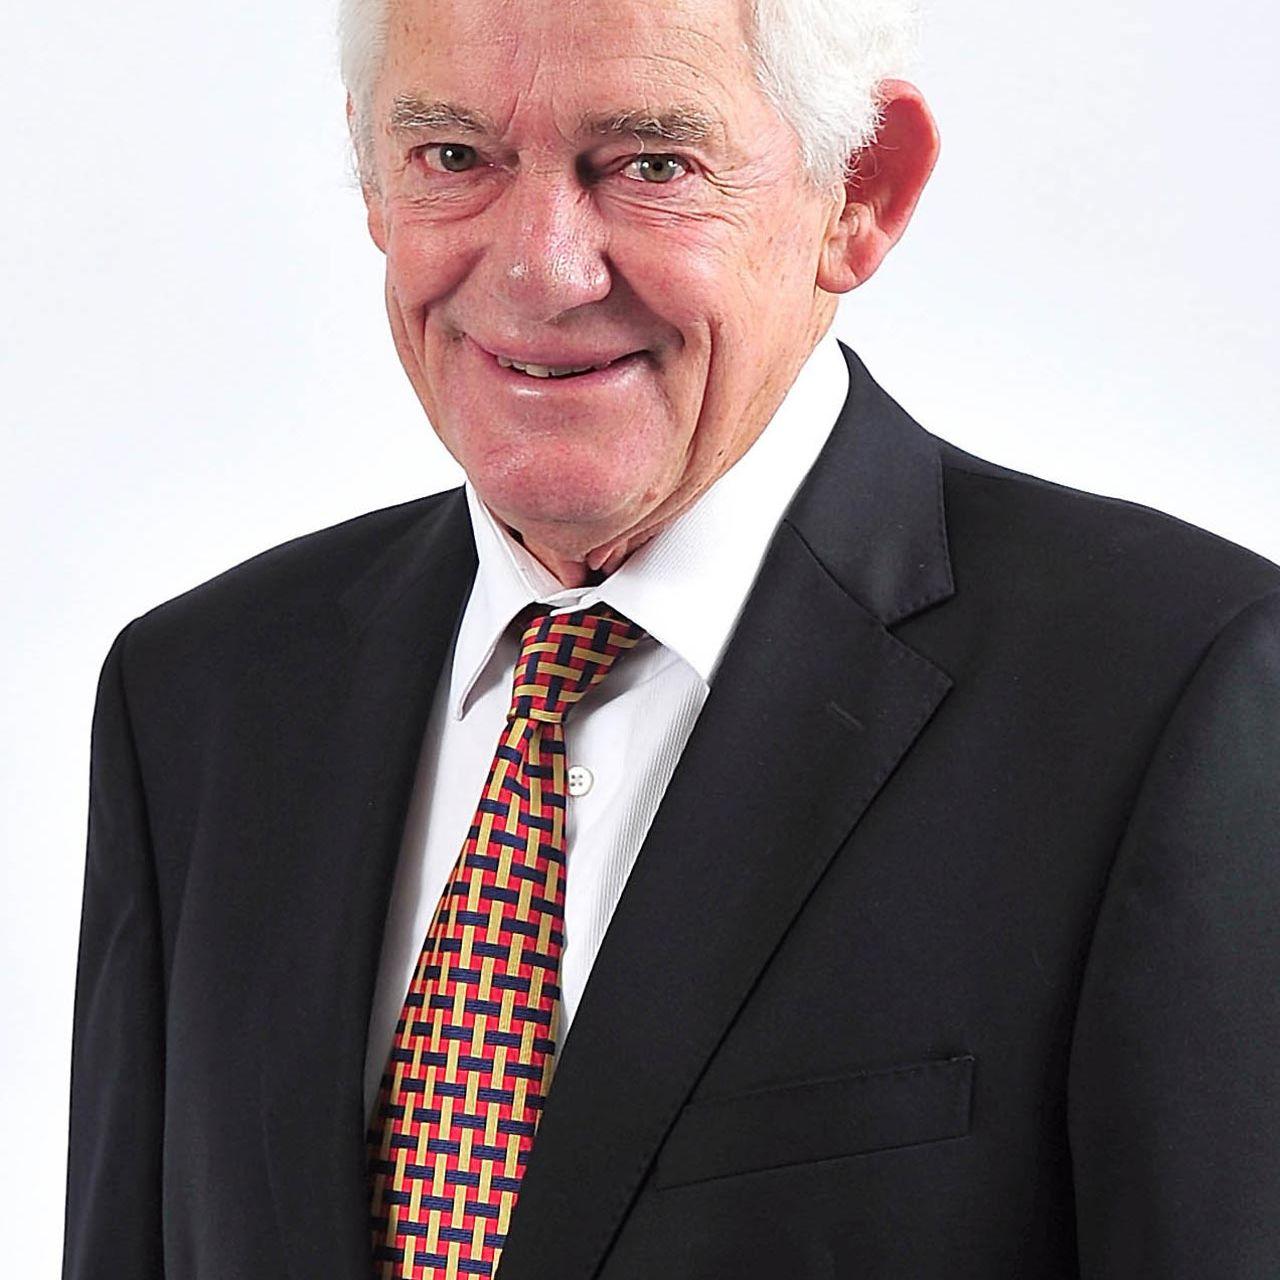 Colin Beggs